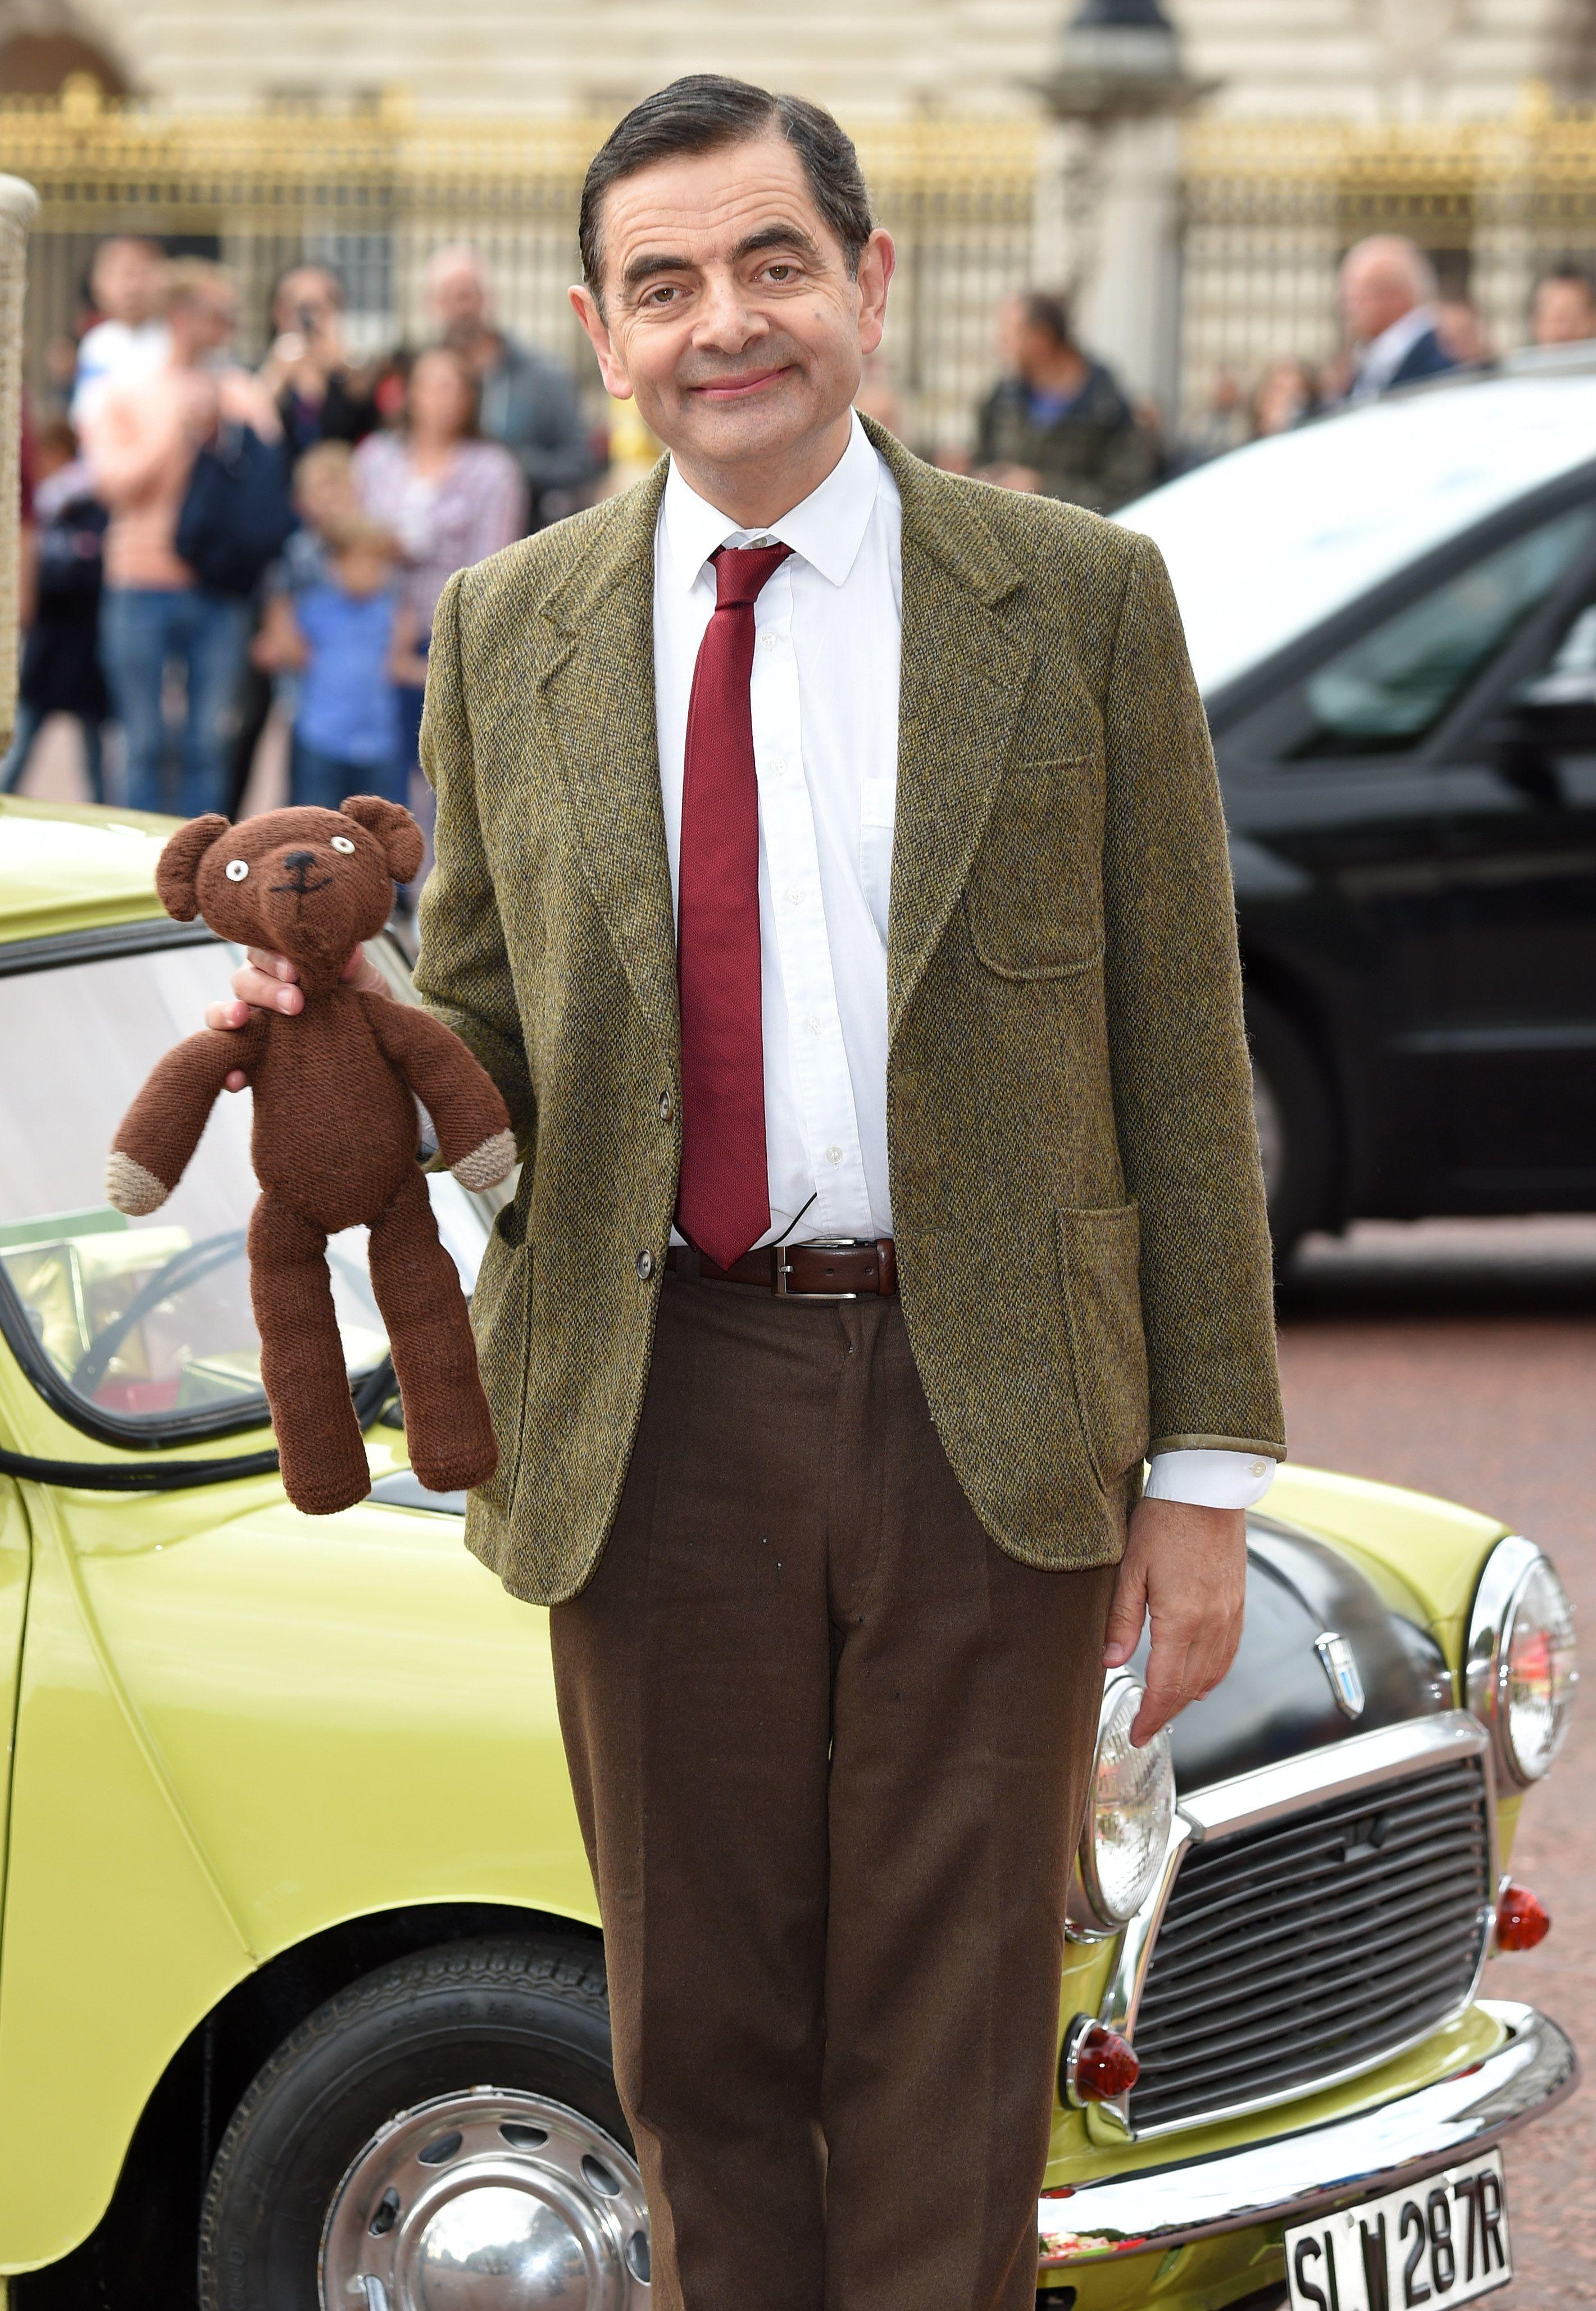 Luxury Mr Bean Car Picture Mr Bean Mr Bean Funny Mr Bean Cartoon